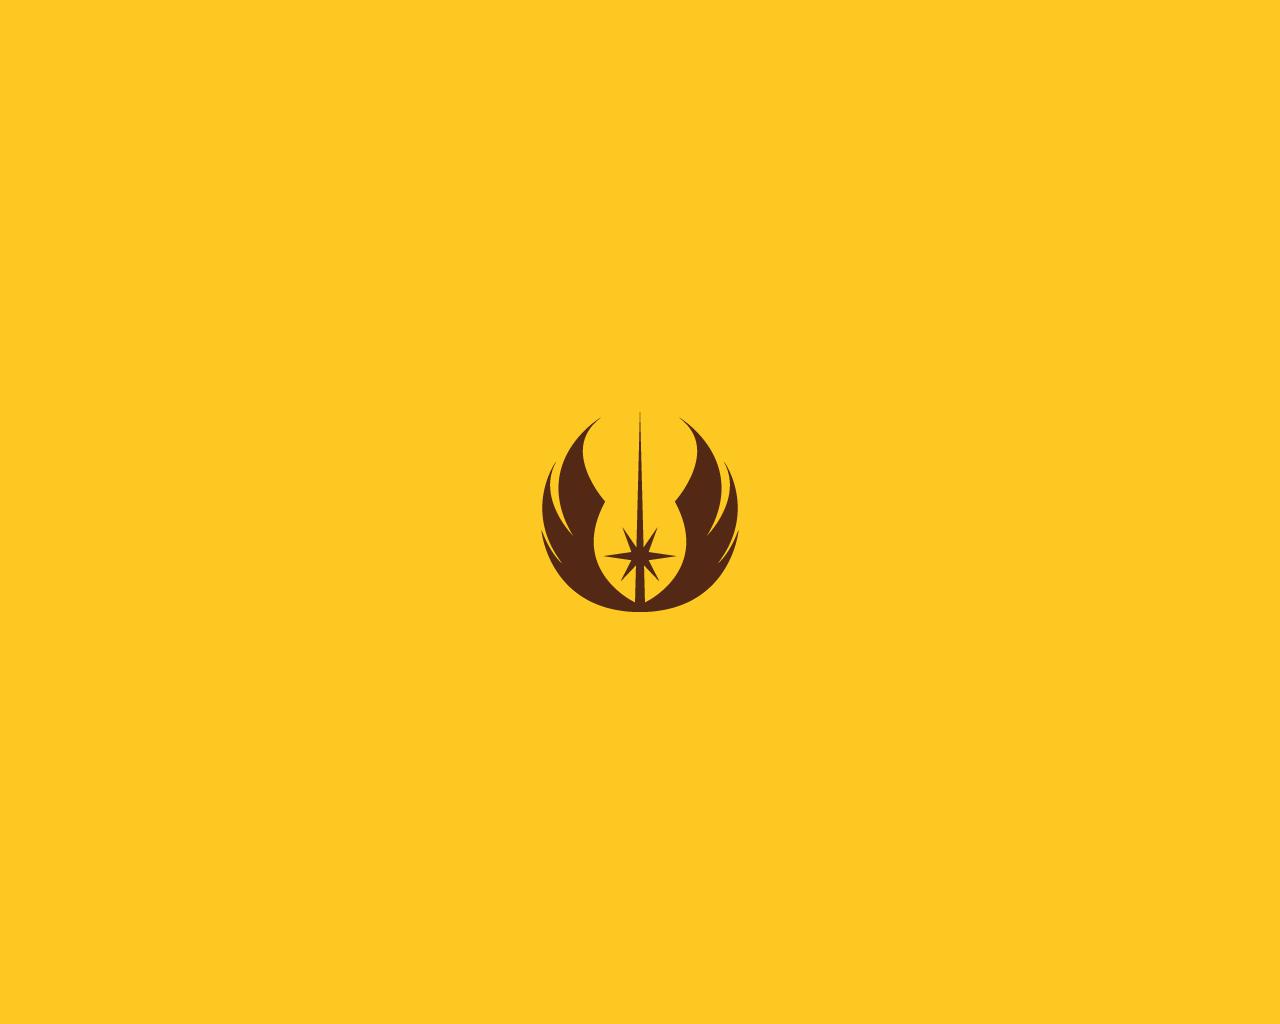 Jedi Logo Wallpaper Wallpaper jedi emblem by 1280x1024